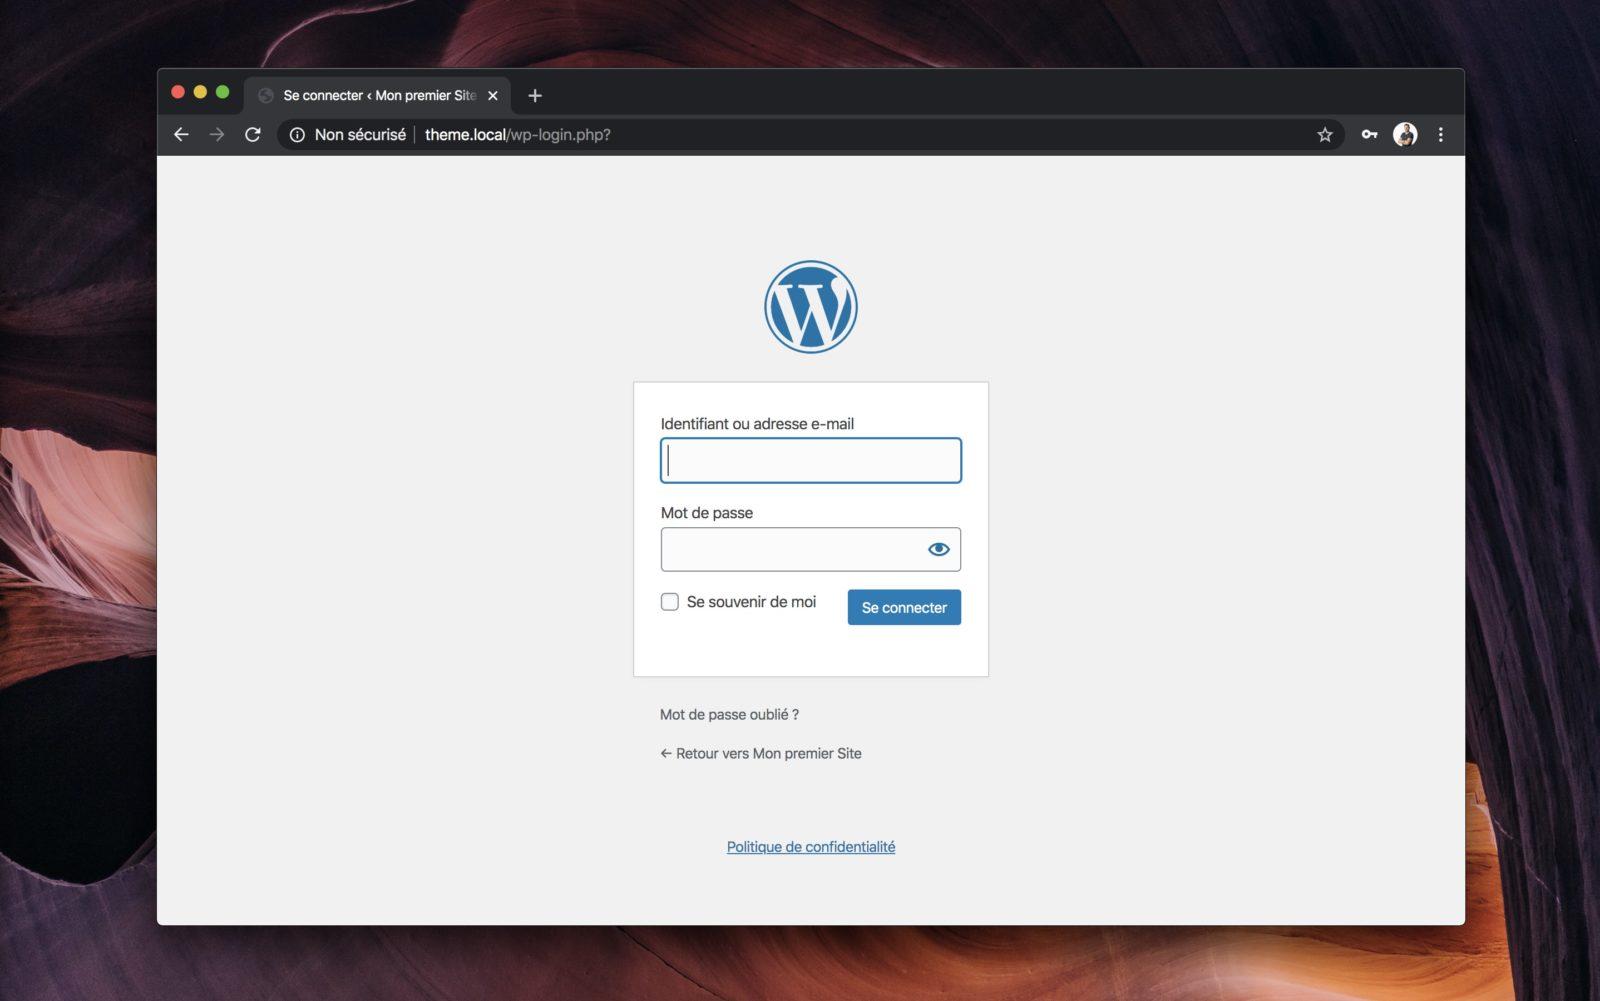 L'interface de connexion de WordPress, comme elle est présentée nativement.